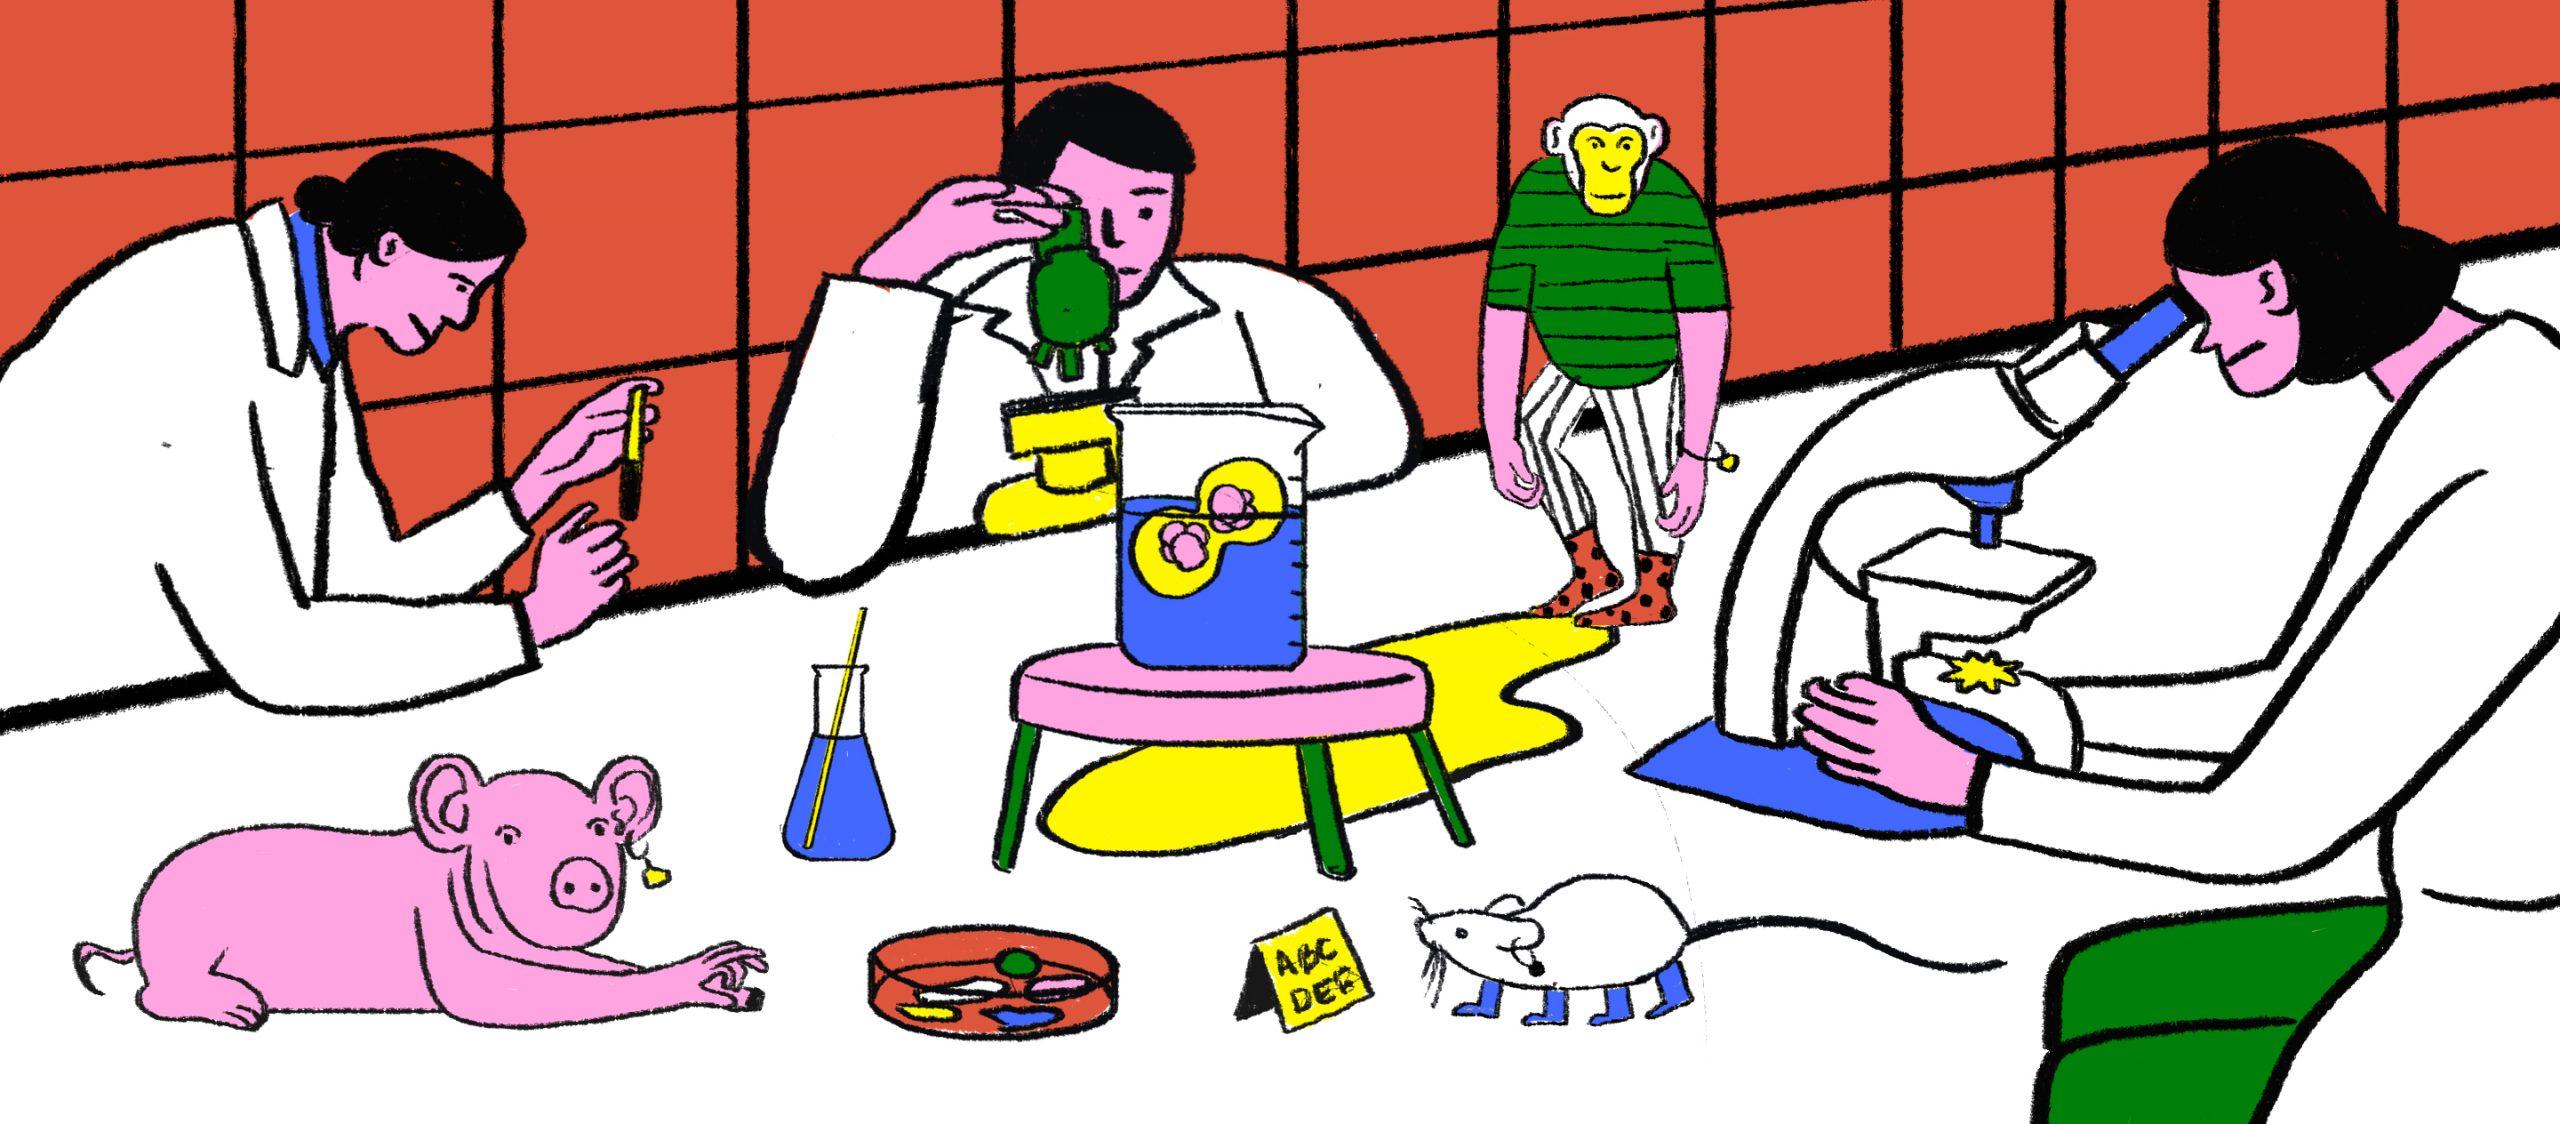 อะไรคือความเป็น 'มนุษย์' หากเส้นแบ่งที่ว่านี้เลือนรางจากการทดลองข้ามสายพันธุ์